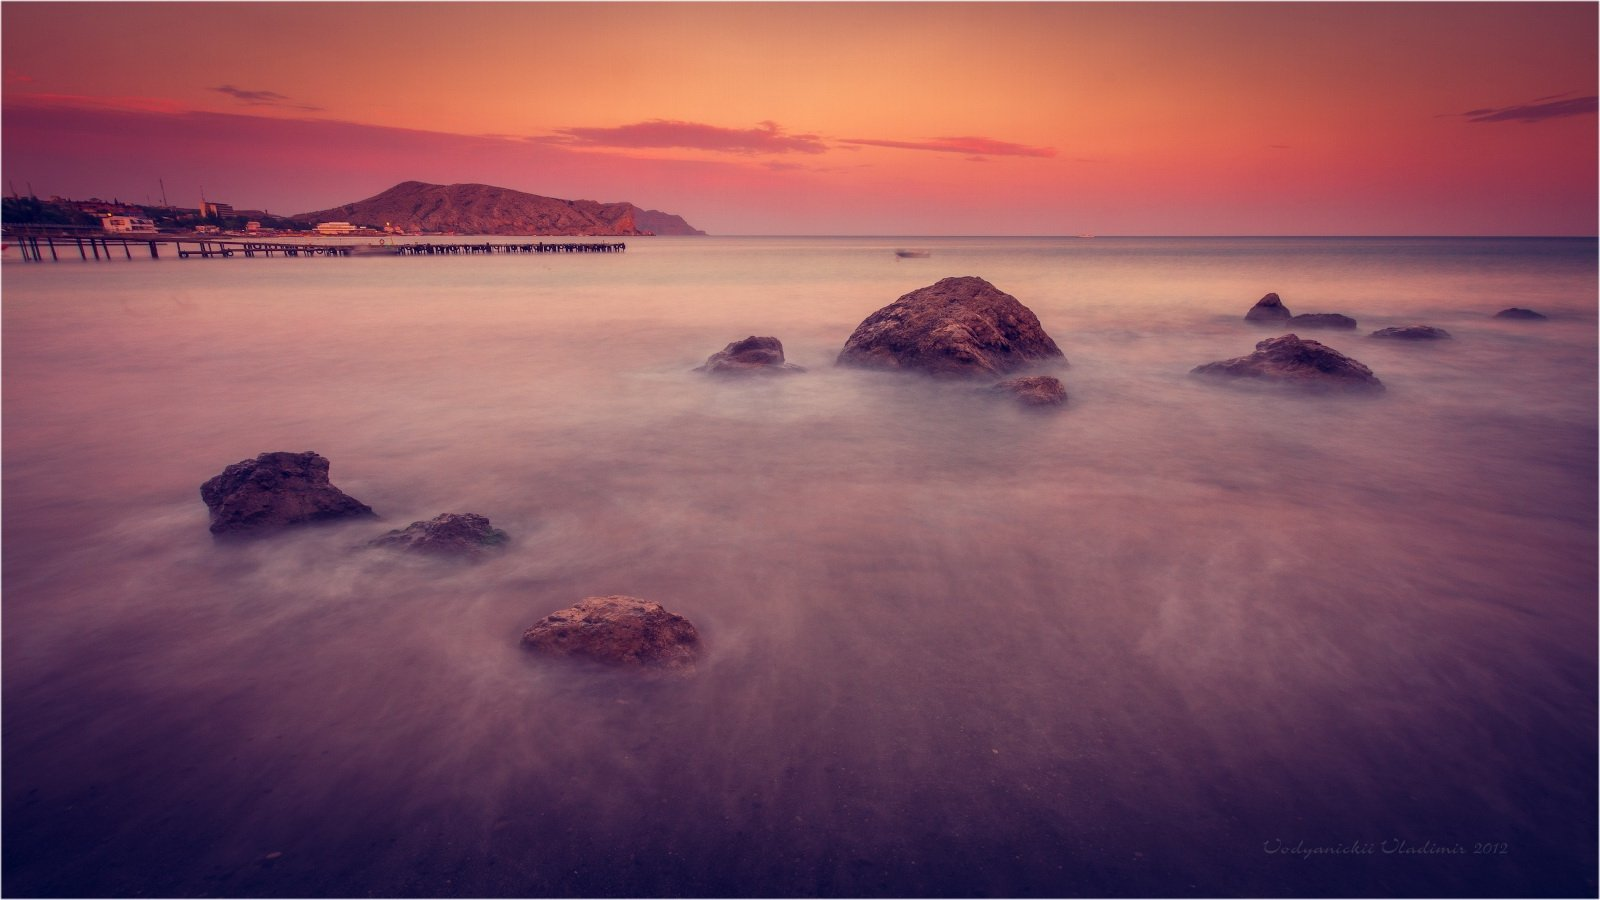 2012, Black sea, Закат, Камни, Крым, Море, Мостик, Судак, Черное море, Владимир Водяницкий